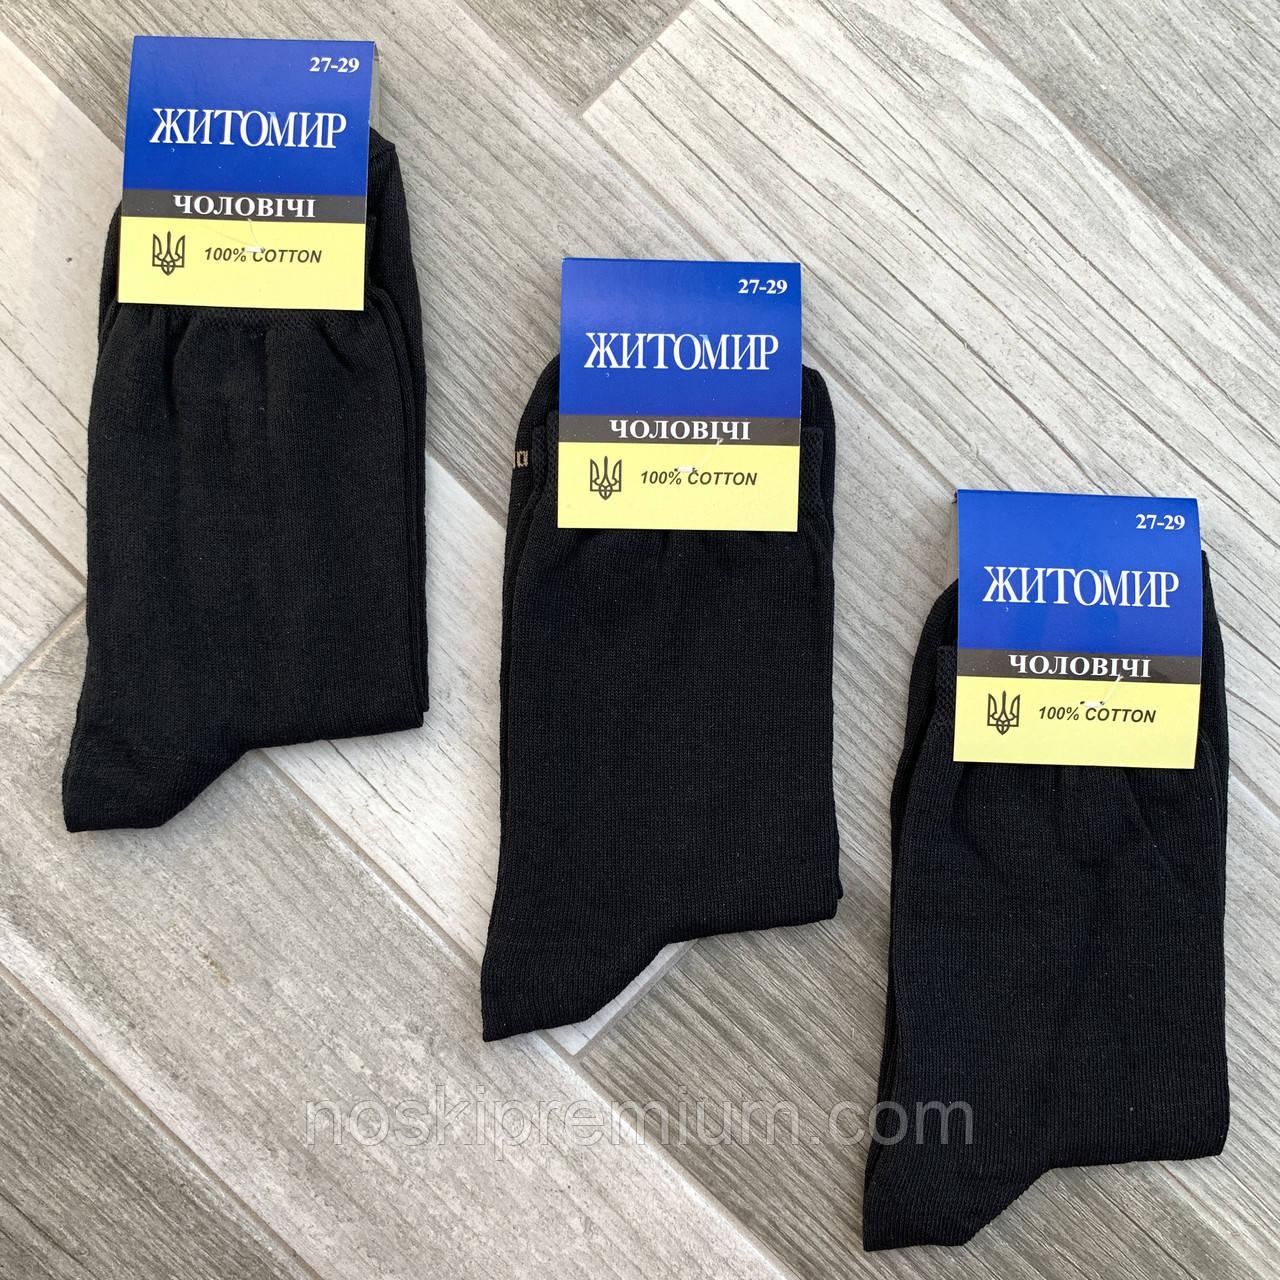 Носки мужские демисезонные х/б Житомир 100% Cotton, 27-29 размер, чёрные, 1493